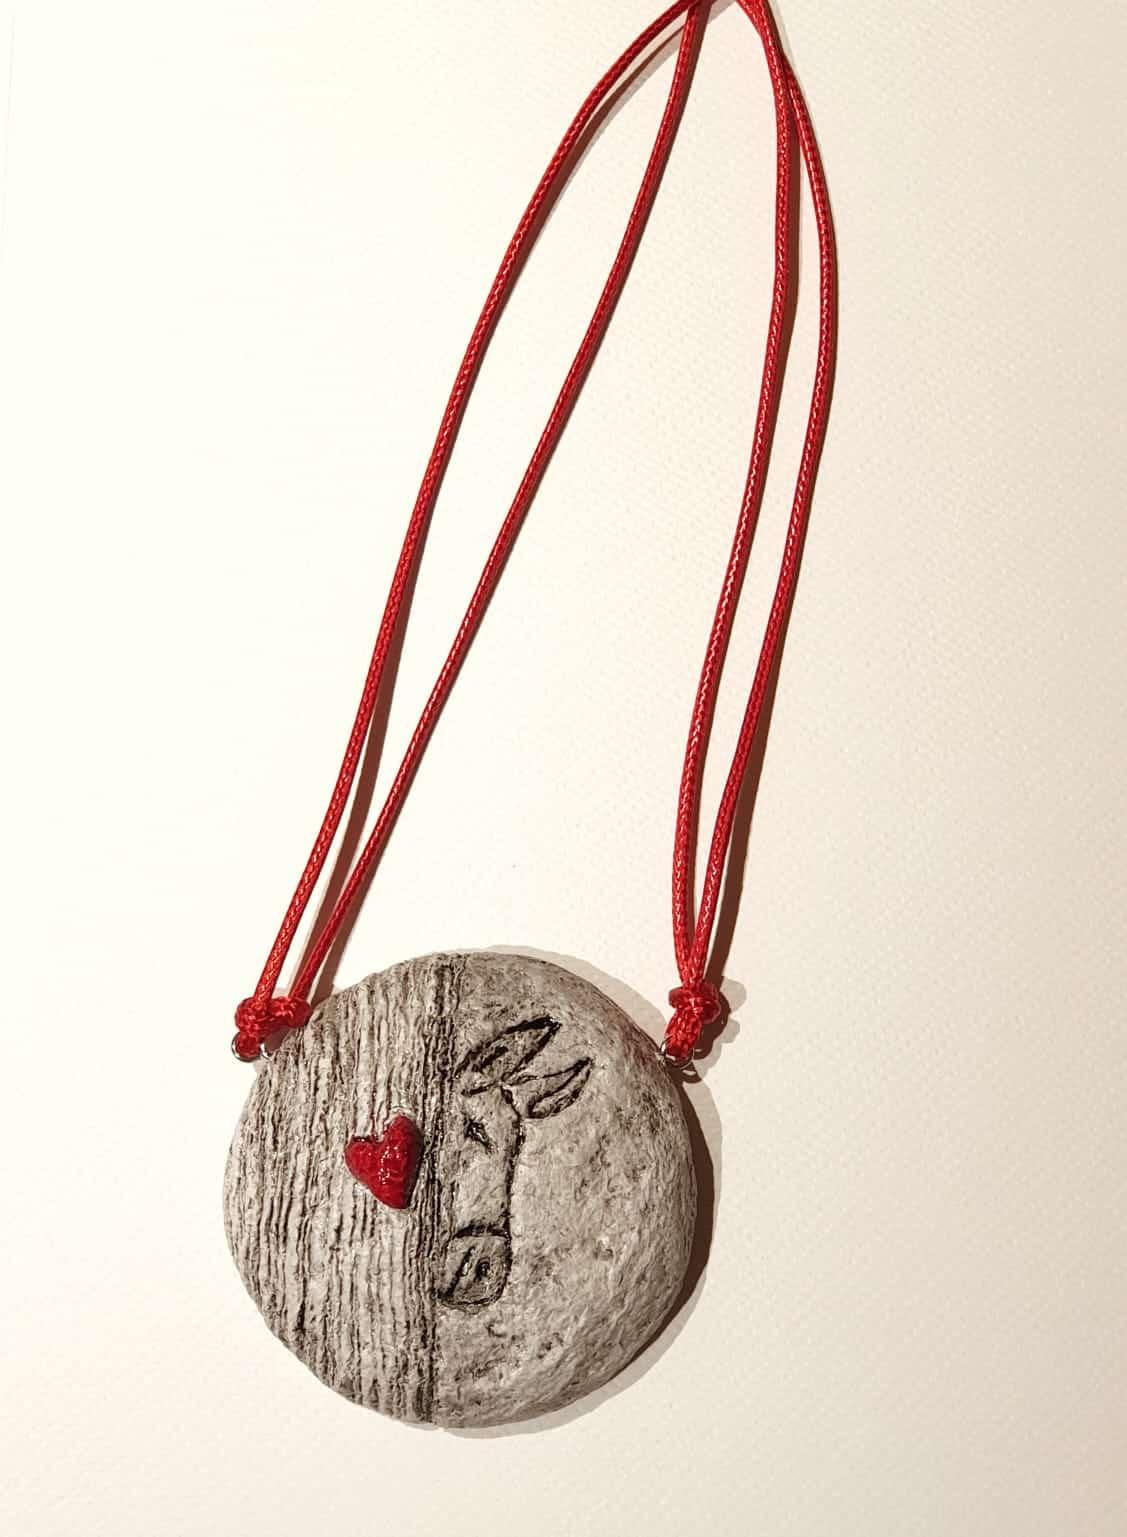 Collana con ciondolo in cartapesta realizzato artigianalmente per Il Rifugio degli Asinelli